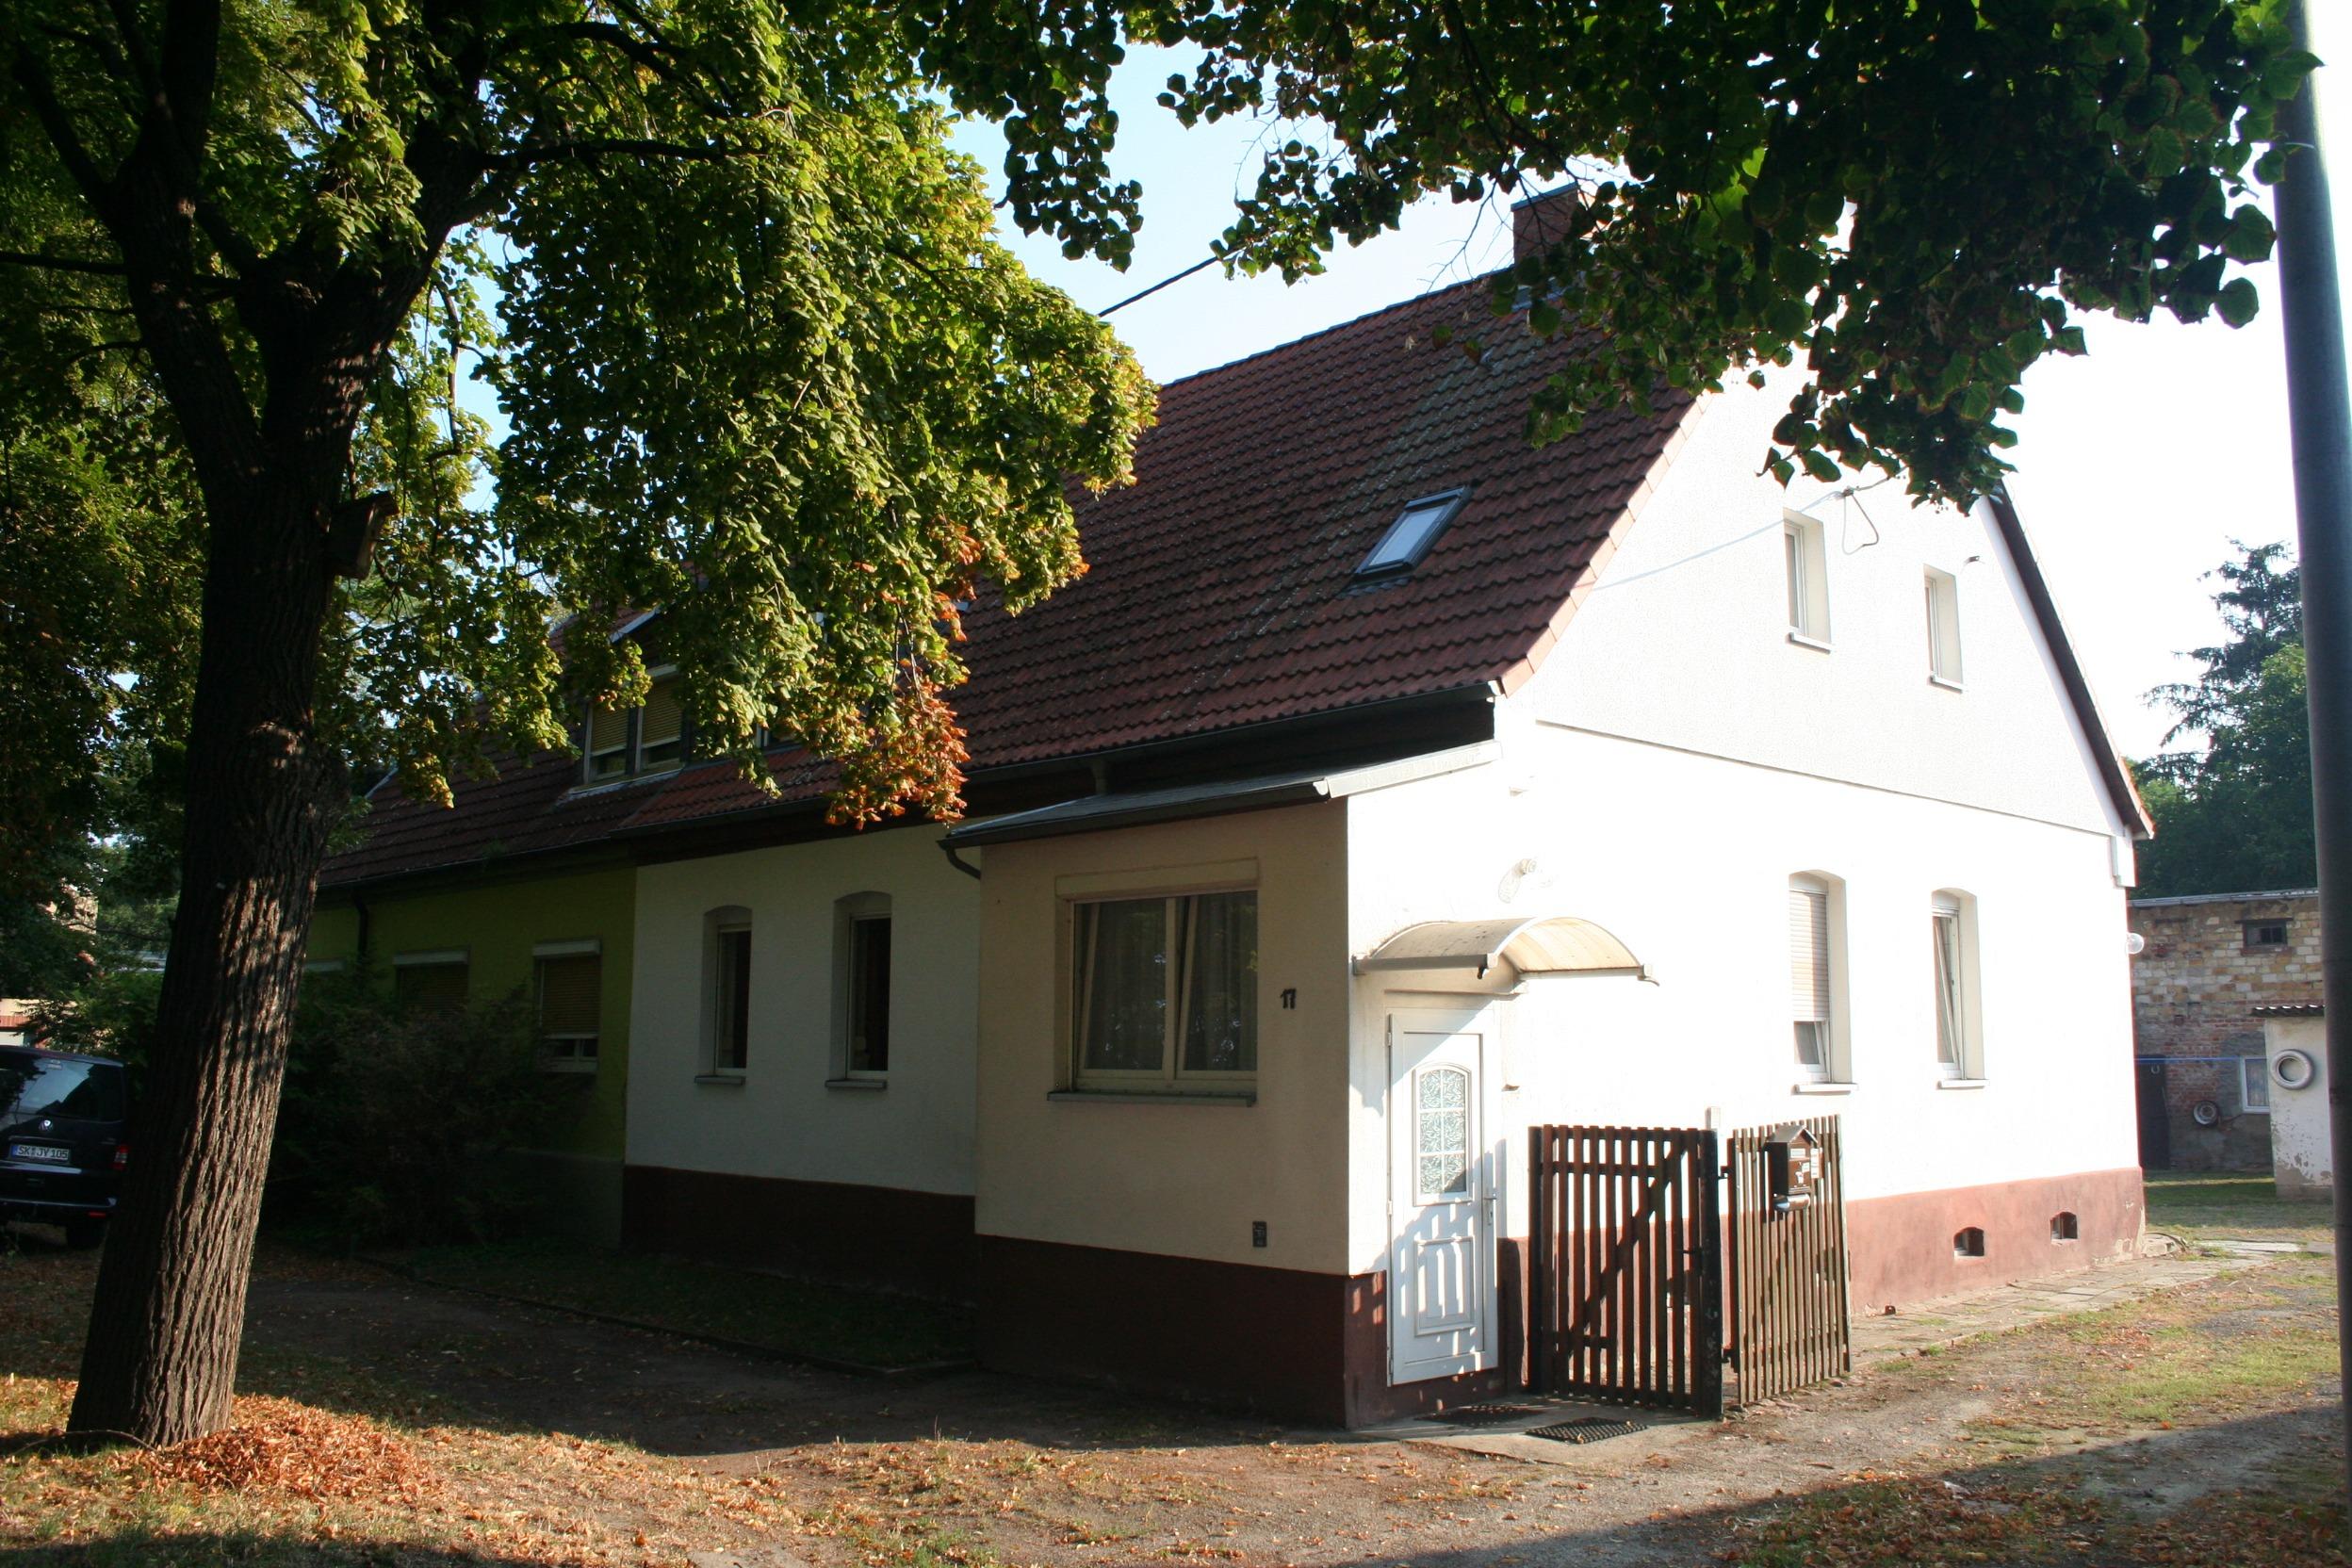 Einfamilienhaus Reinsdorf - Straßenansicht